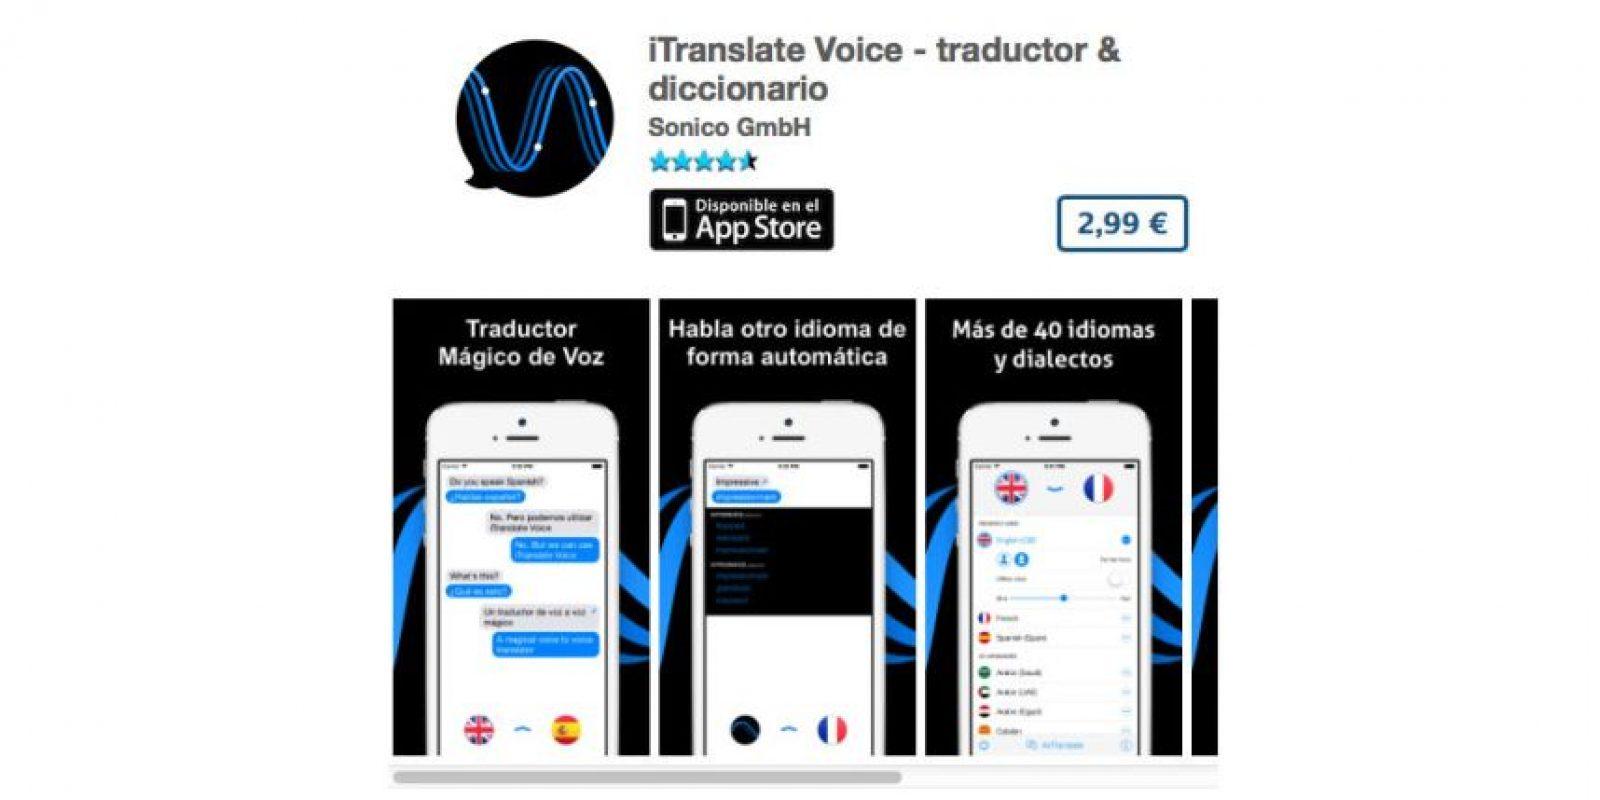 iTranslate Voice – traductor & diccionario es un traductor de voz a voz. Precio 4 dólares Foto:De Sonico GmbH